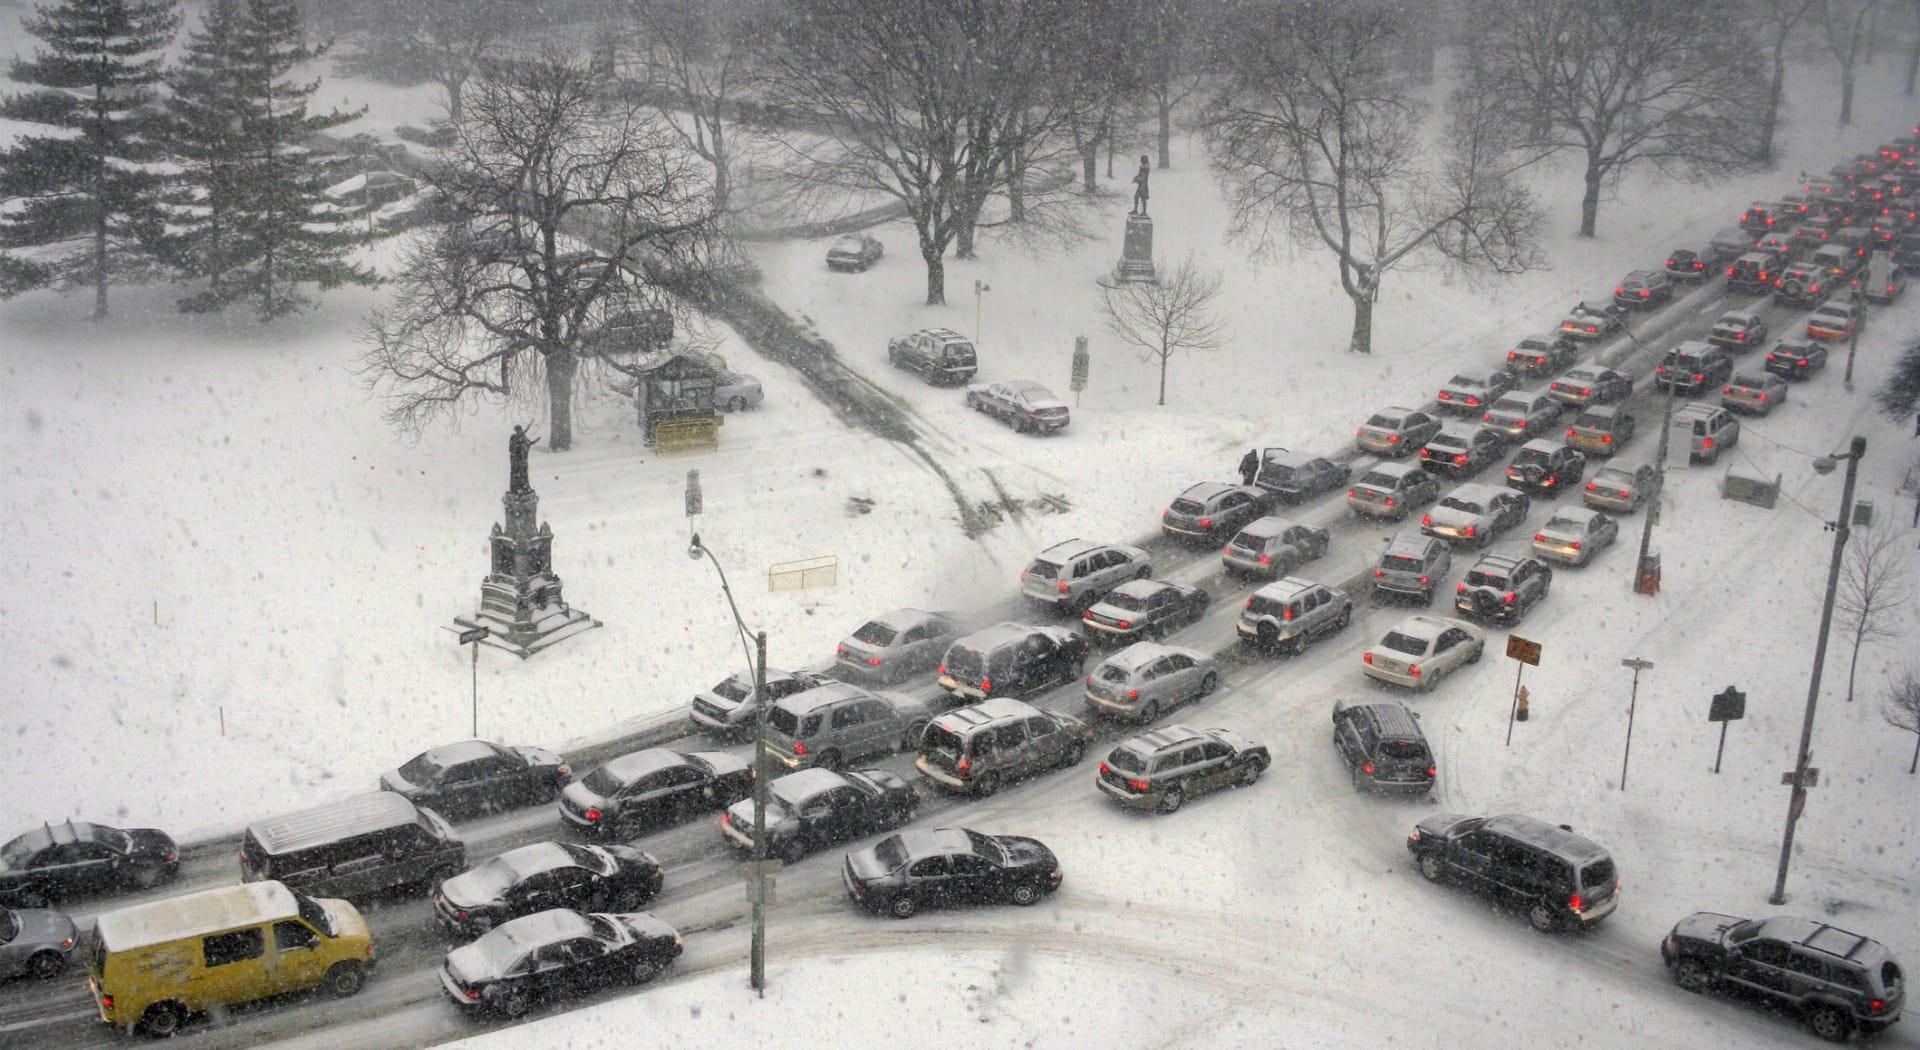 En kjedekollisjon består av mange biler som kolliderer.